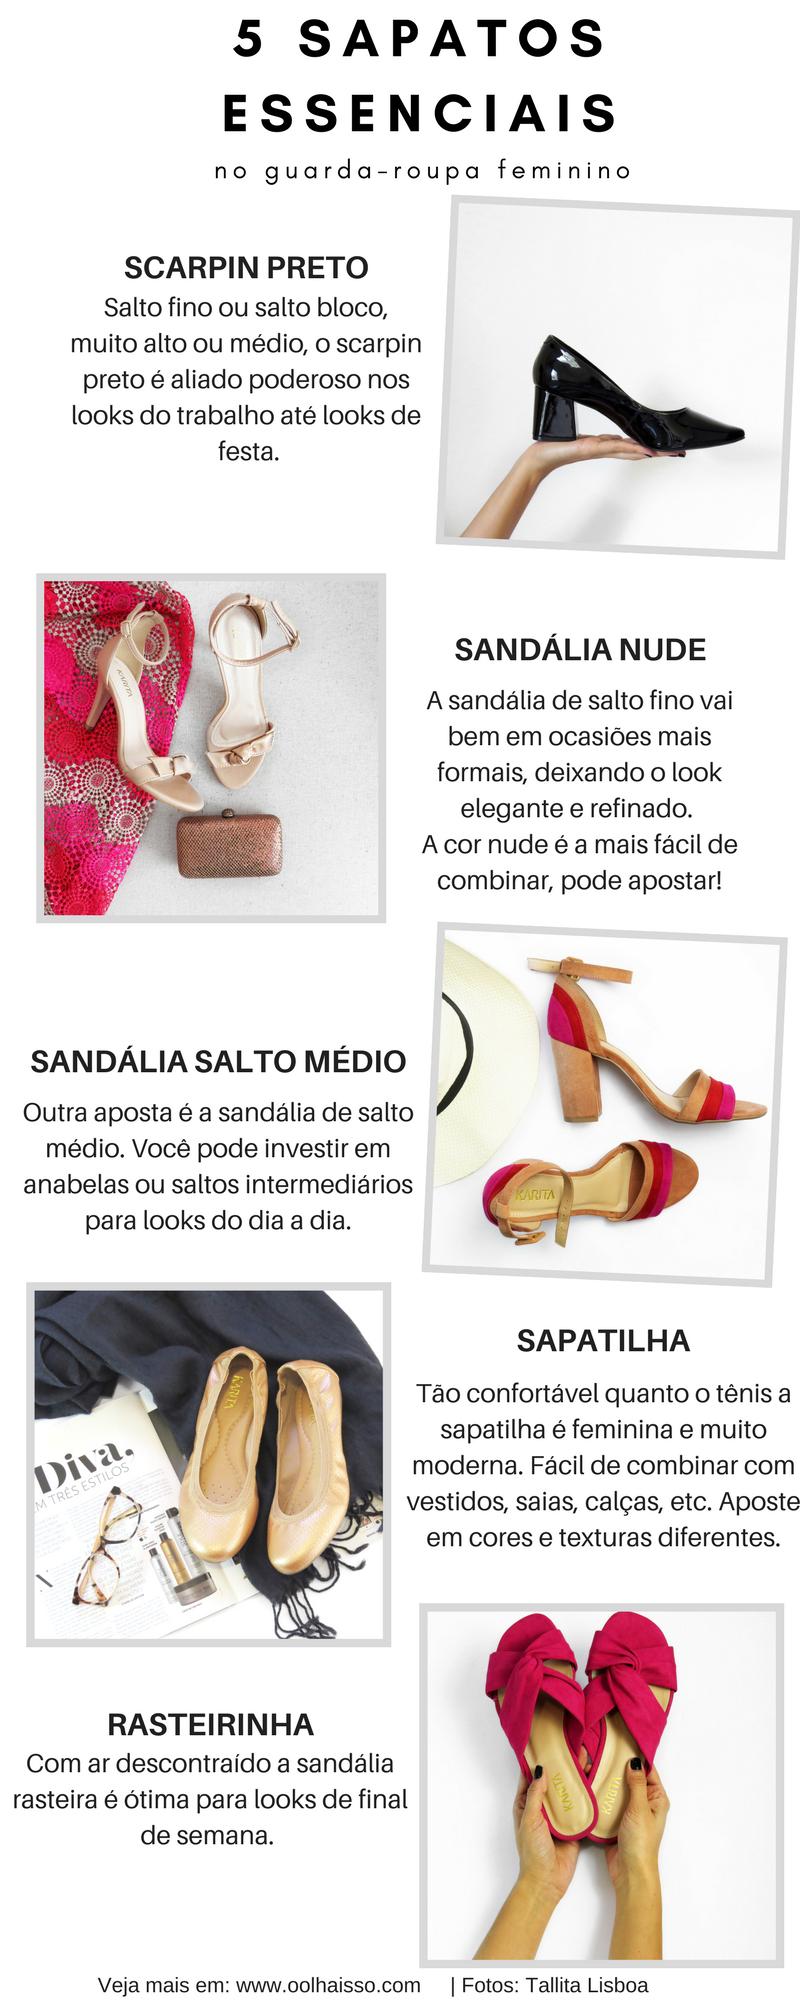 ff97b1488 5 sapatos essenciais no guarda-roupa feminino